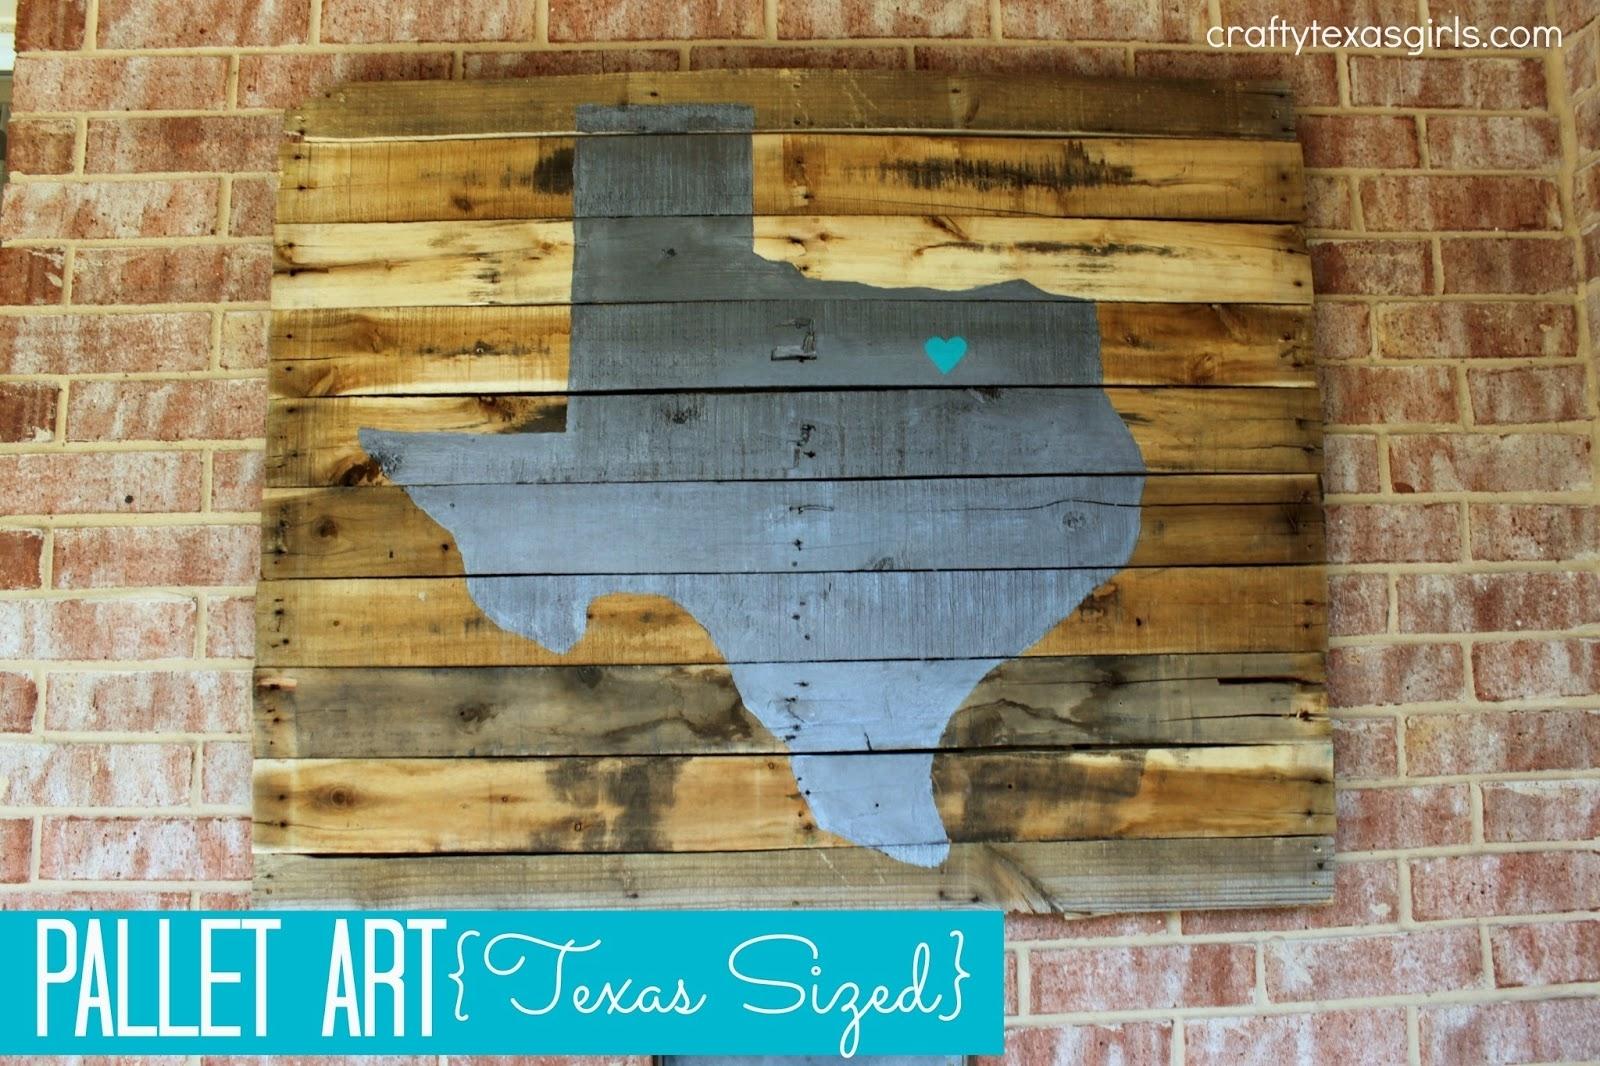 Texas Wood Wall Art Crafty Texas Girls Craft It Pallet Art {texas Regarding Most Up To Date Texas Wall Art (View 11 of 20)